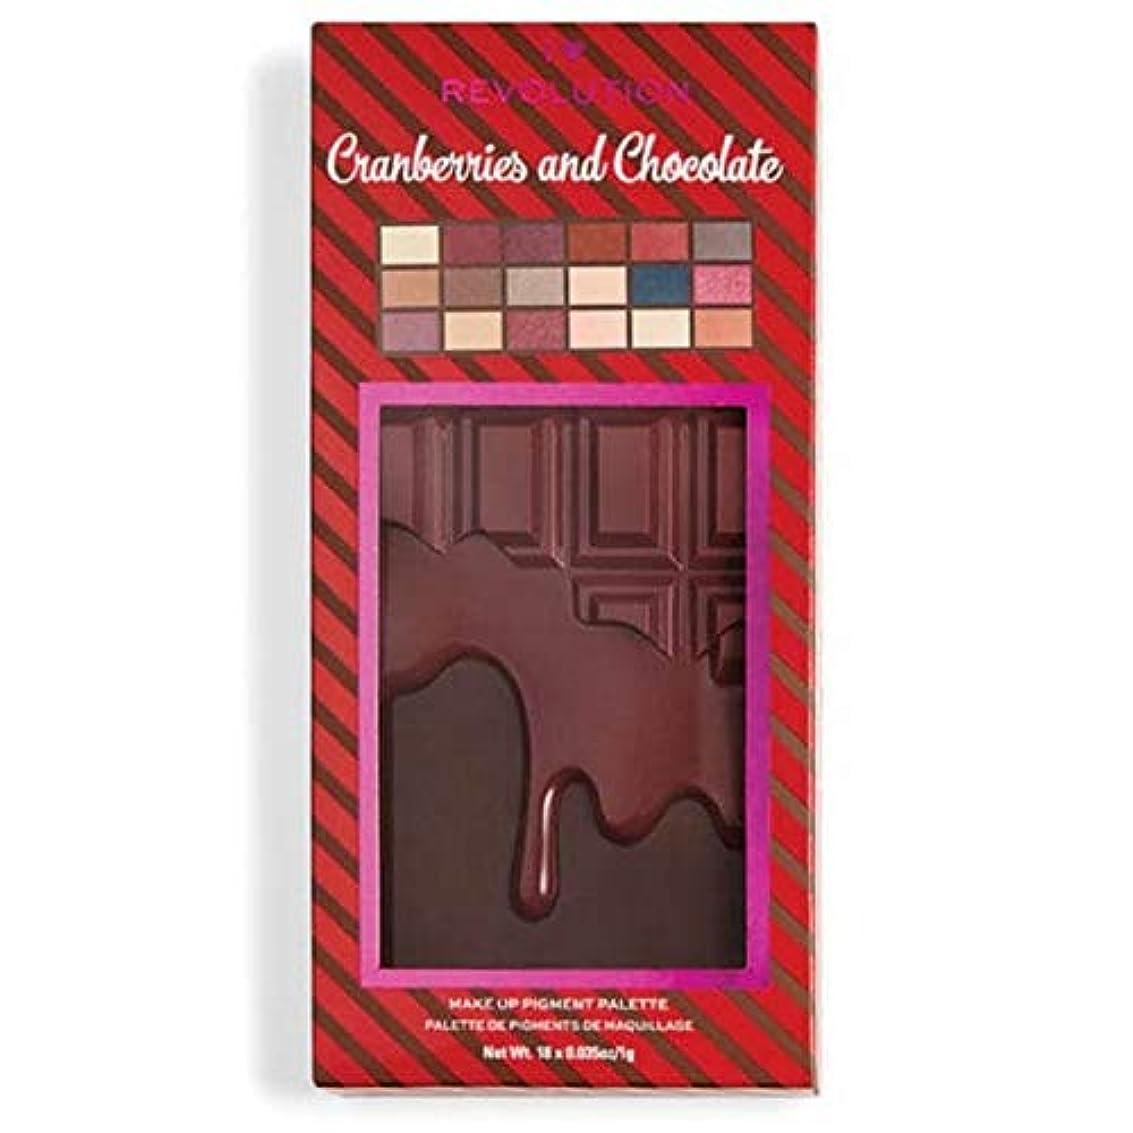 ボード和才能のある[I Heart Revolution ] 私の心の革命クランベリー&チョコレートパレット - I Heart Revolution Cranberries & Chocolate Palette [並行輸入品]